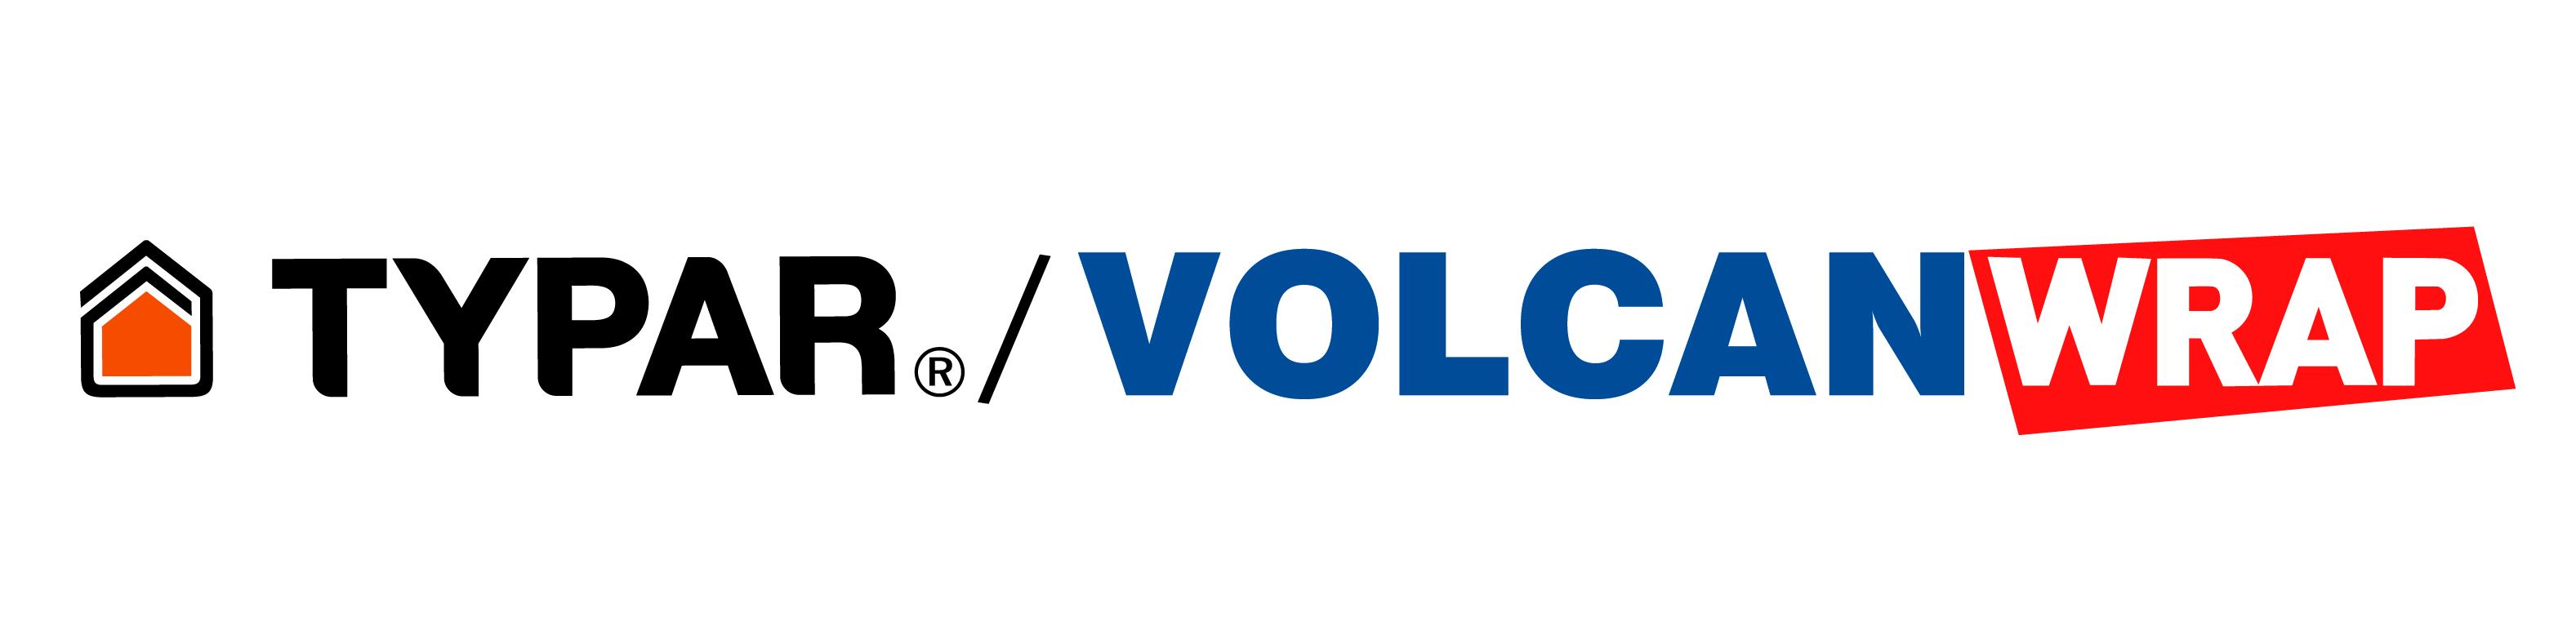 logotipo volcanwrap membranas volcan